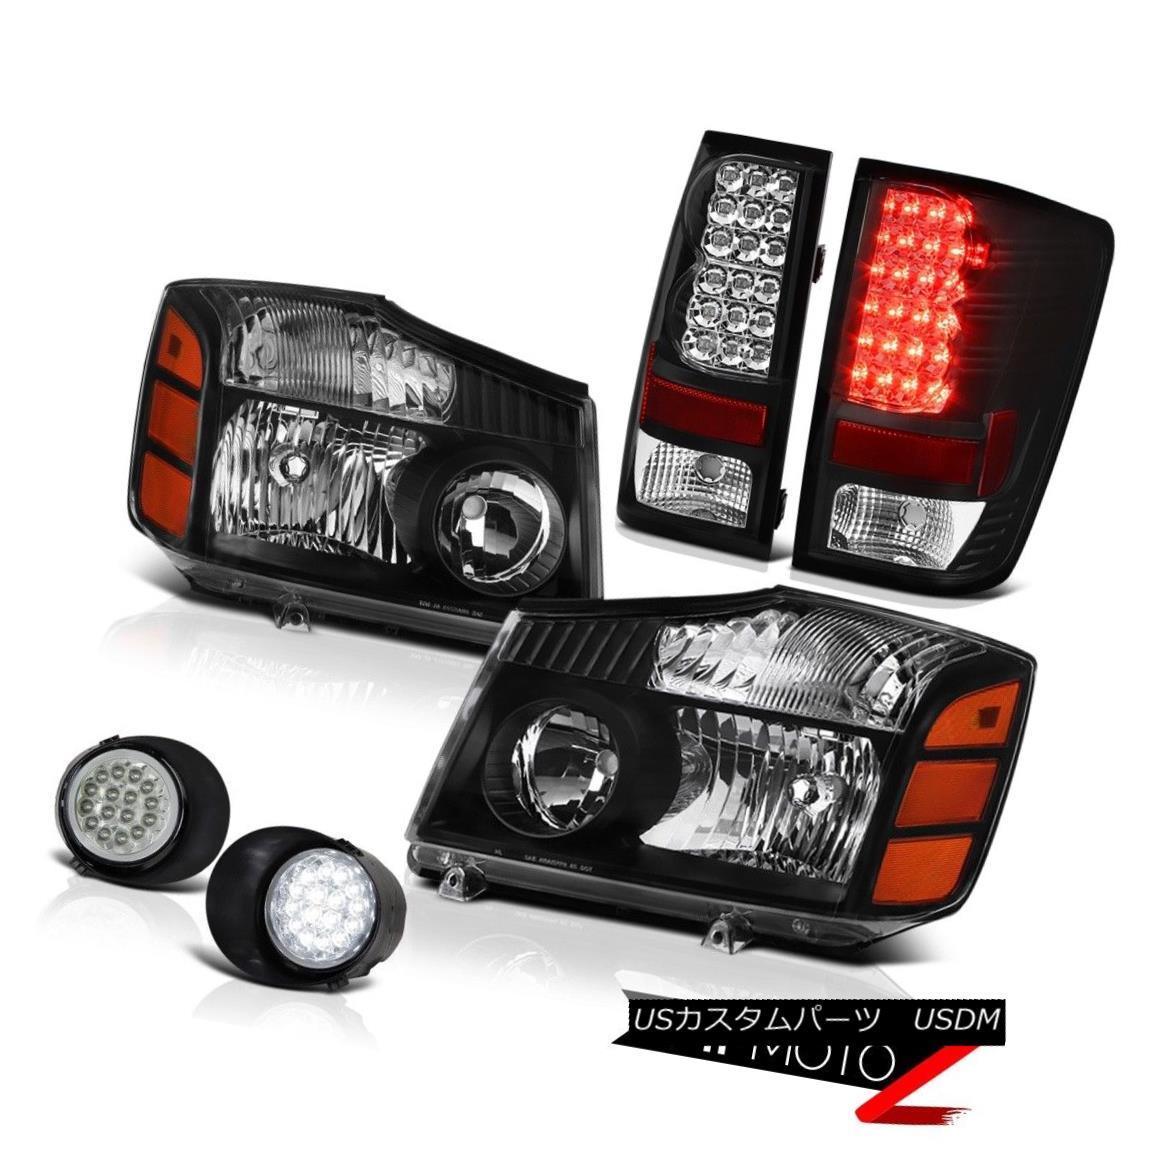 テールライト For 2004-2015 Titan L+R Black Headlamp SMD Brake Tail Light Daytime FogLamp 2004年?2015年タイタンL + RブラックヘッドランプSMDブレーキテールライトデイタイムフォグランプ